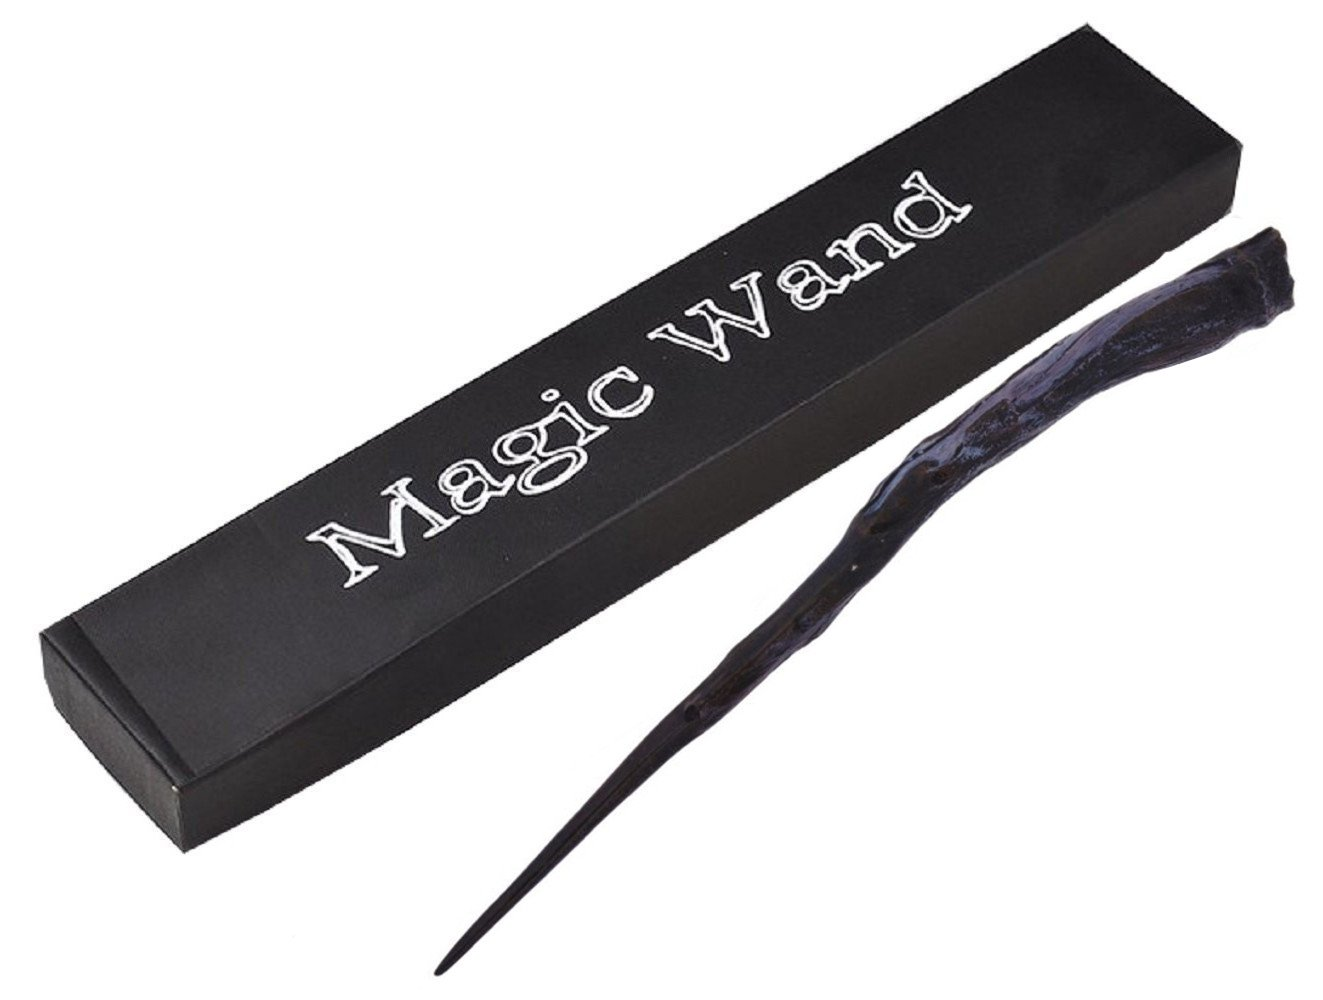 Inception Pro Infinite Imperdibile - Bacchette Magiche - Resina - Dipinte A Mano - Personaggi di Harry Potter - Saga - Custodie incluse - Bella - Trix Bacchette Harry & Potter Film e TV